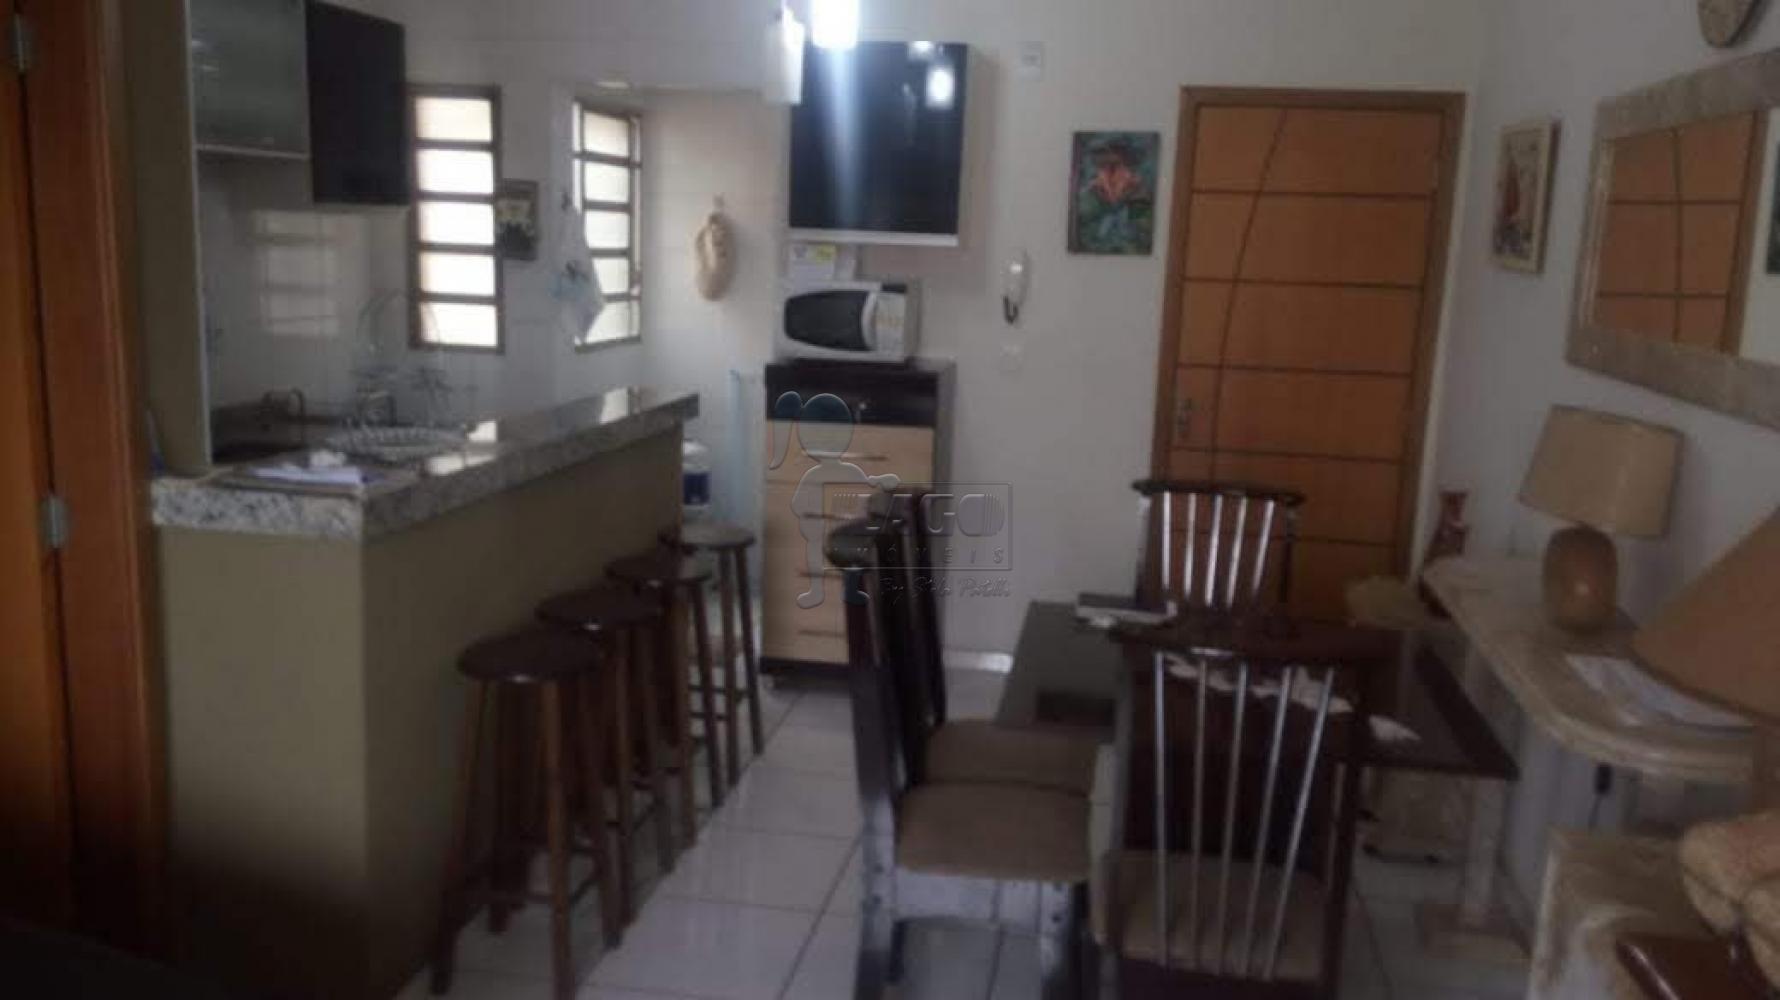 Comprar Apartamento / Padrão em Ribeirão Preto apenas R$ 165.000,00 - Foto 14